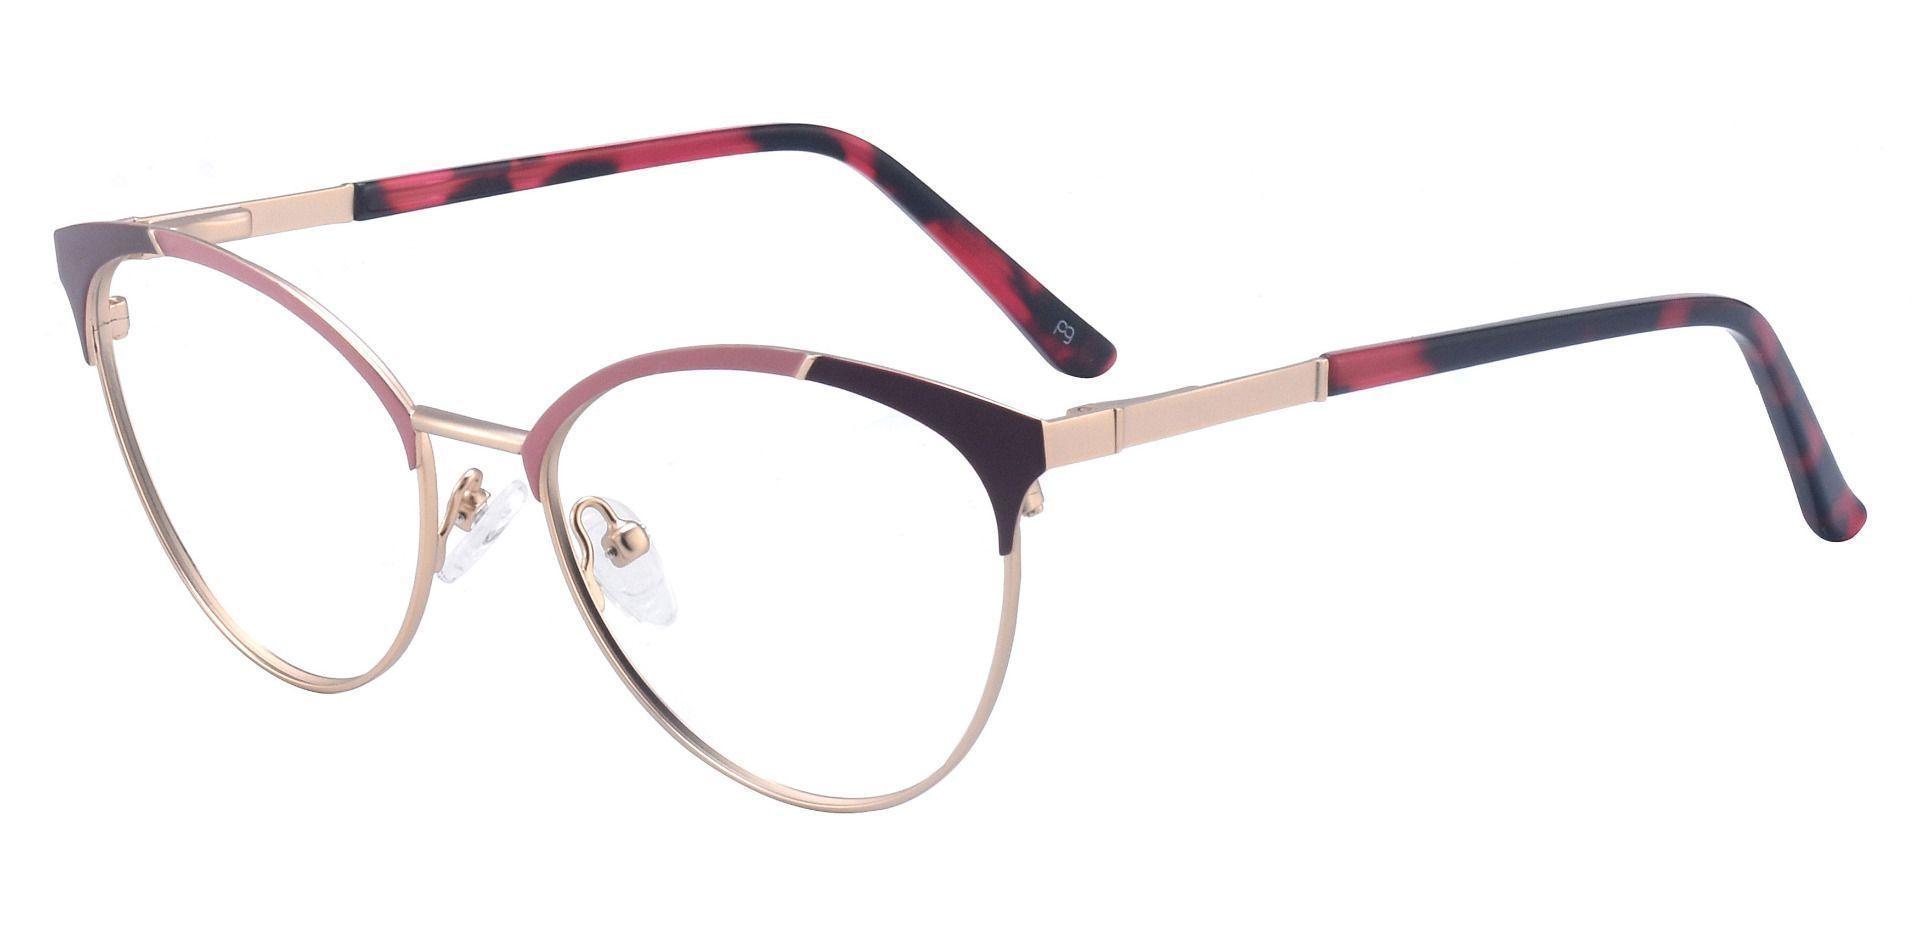 Lisette Oval Prescription Glasses - Red